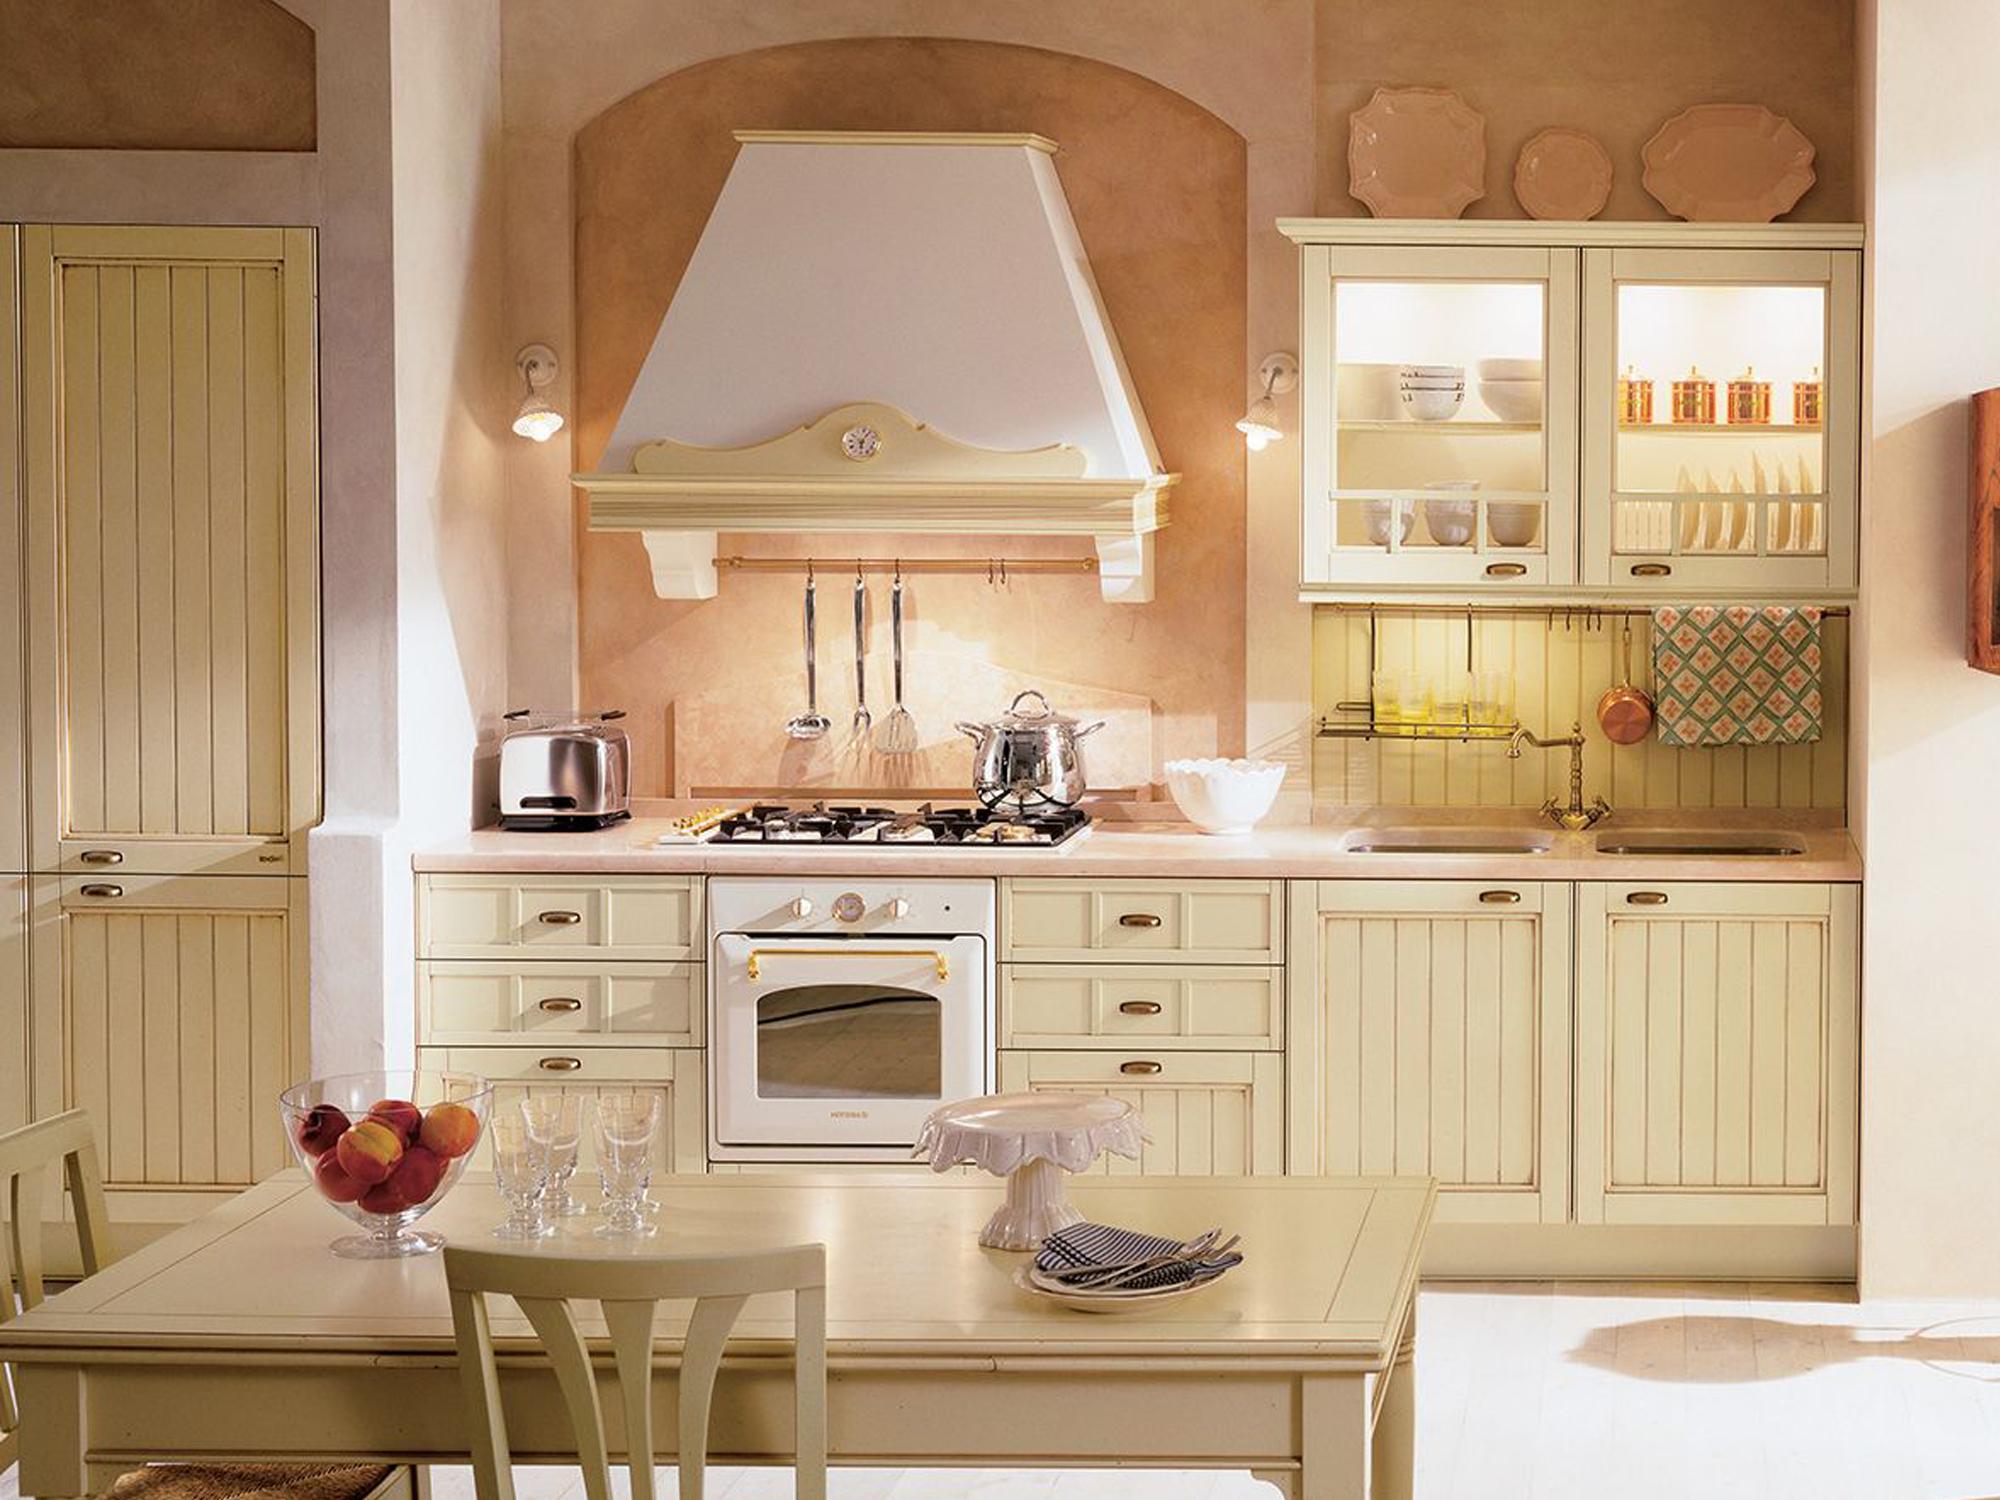 Cucine febal casa lecce le cucine febal nel salento - Febal cucine classiche ...